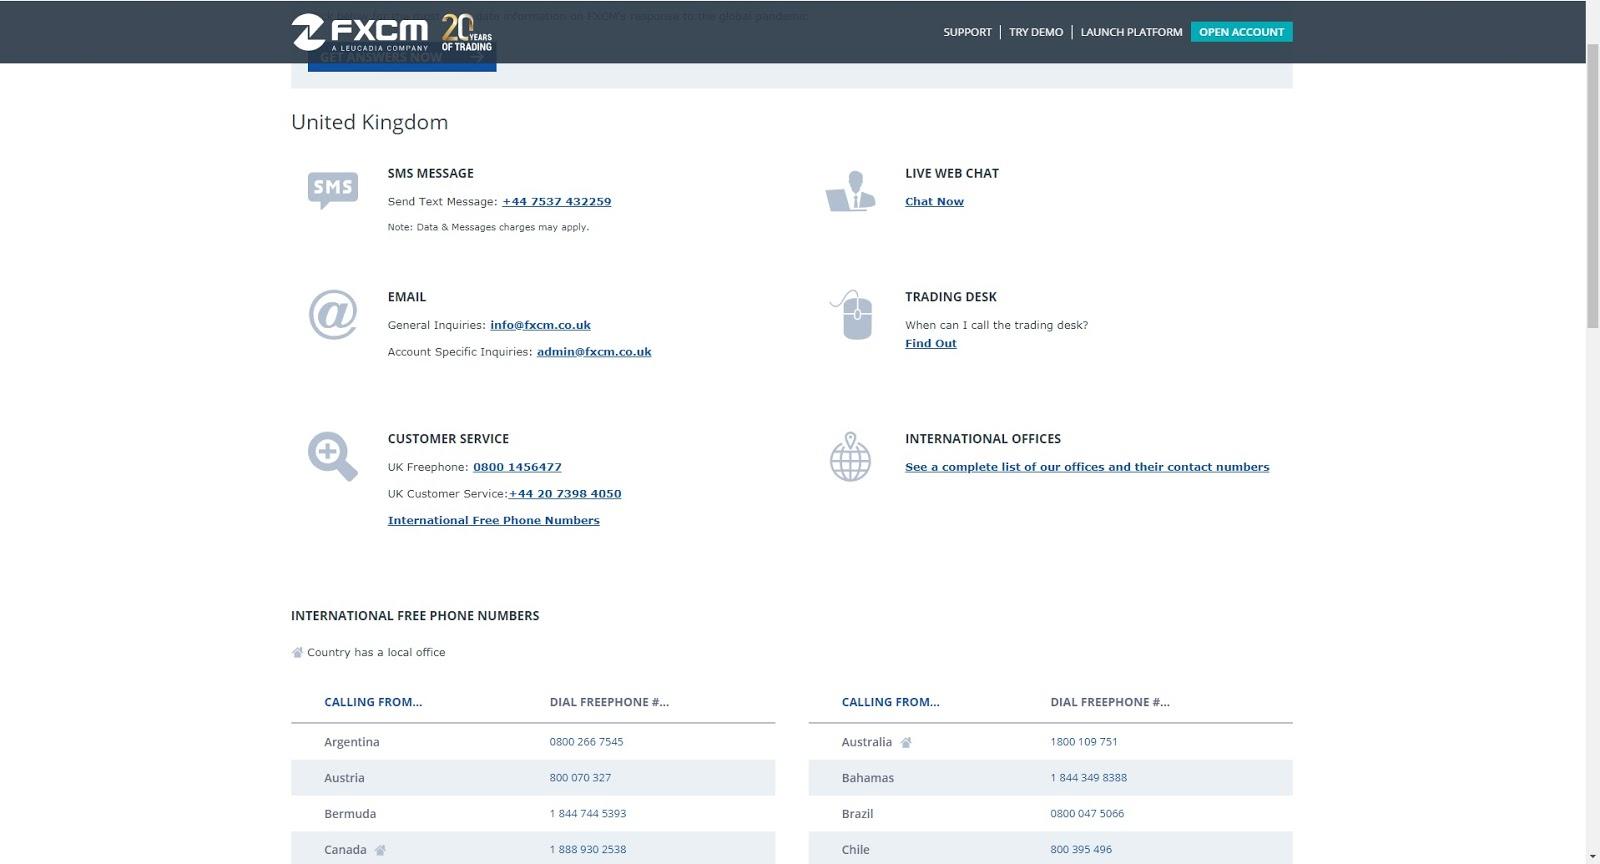 FXCM Kundenservice und Support